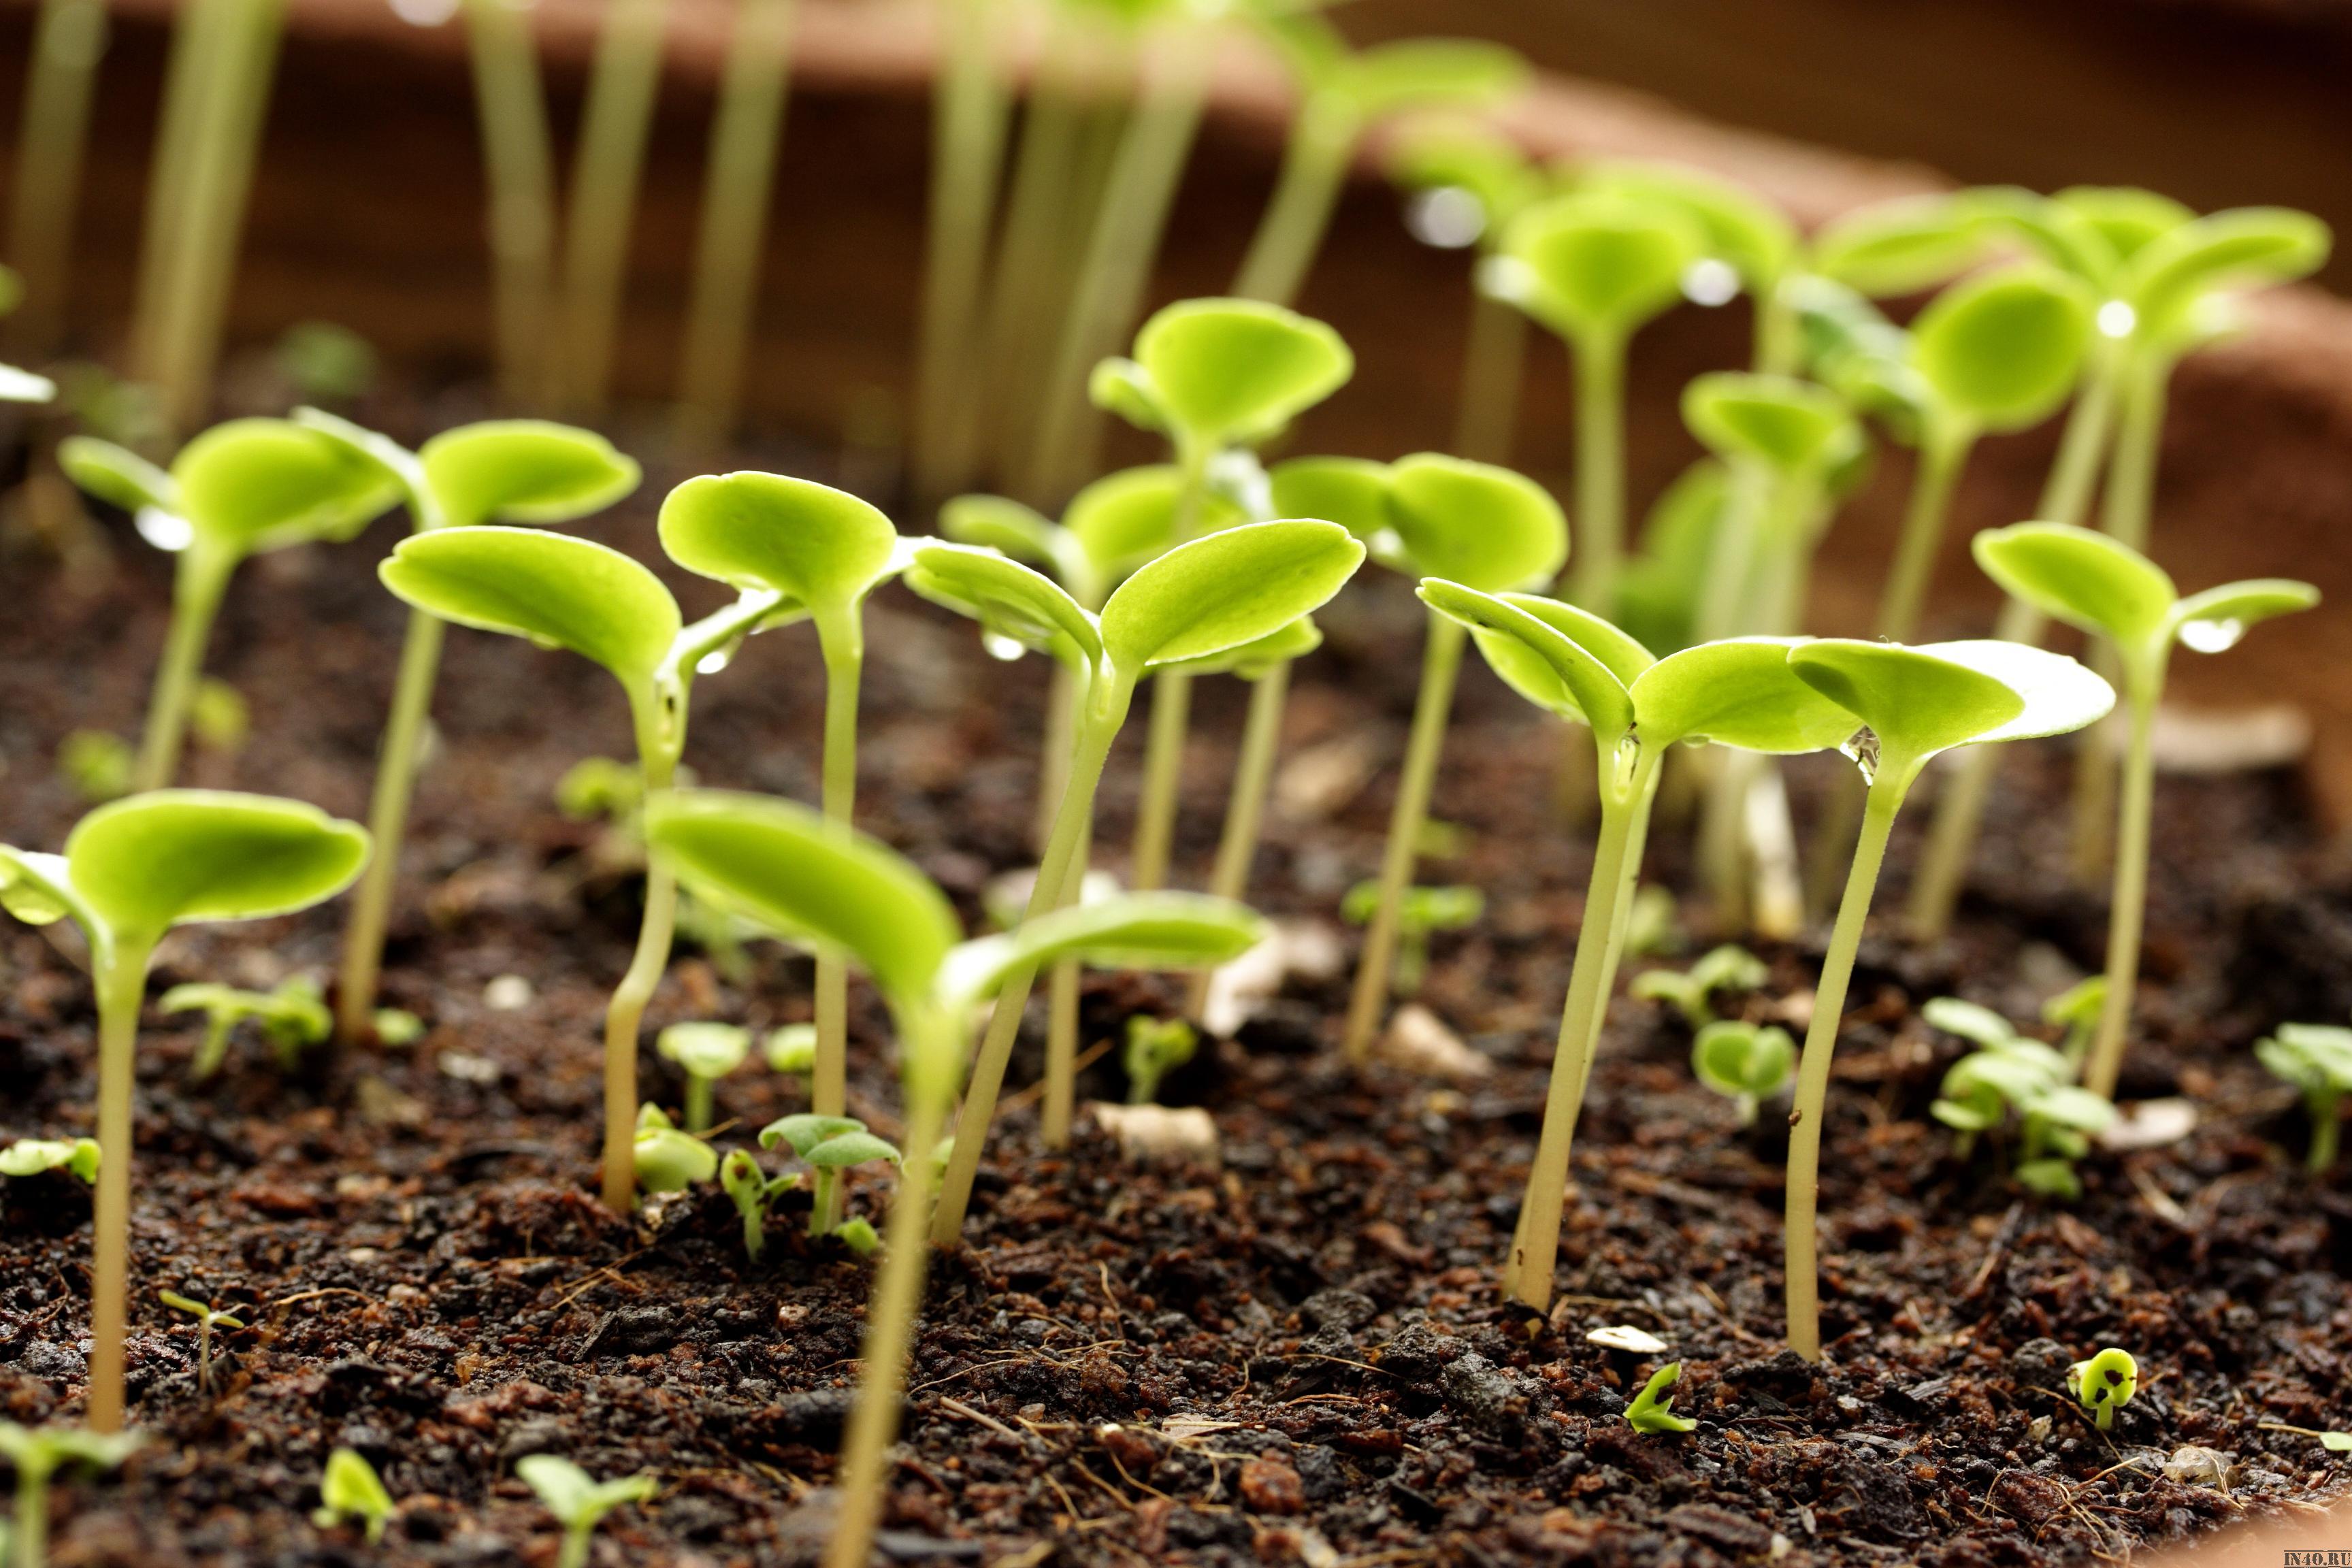 Огромный каталог продукции для людей, выращивающих полезные и красивые растения